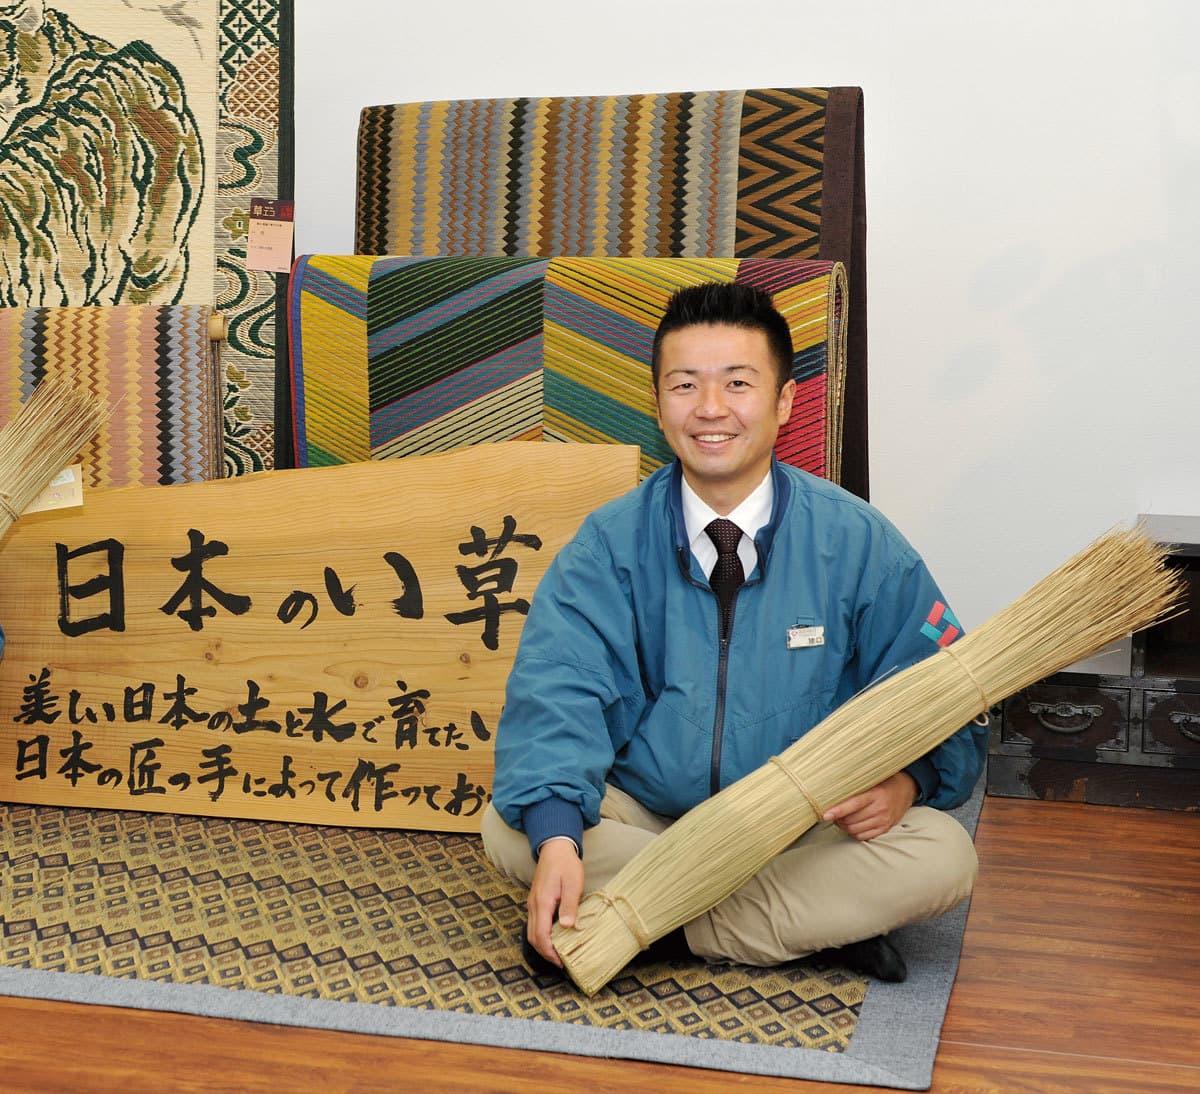 株式会社イケヒコ・コーポレーション 代表取締役社長 猪口耕成